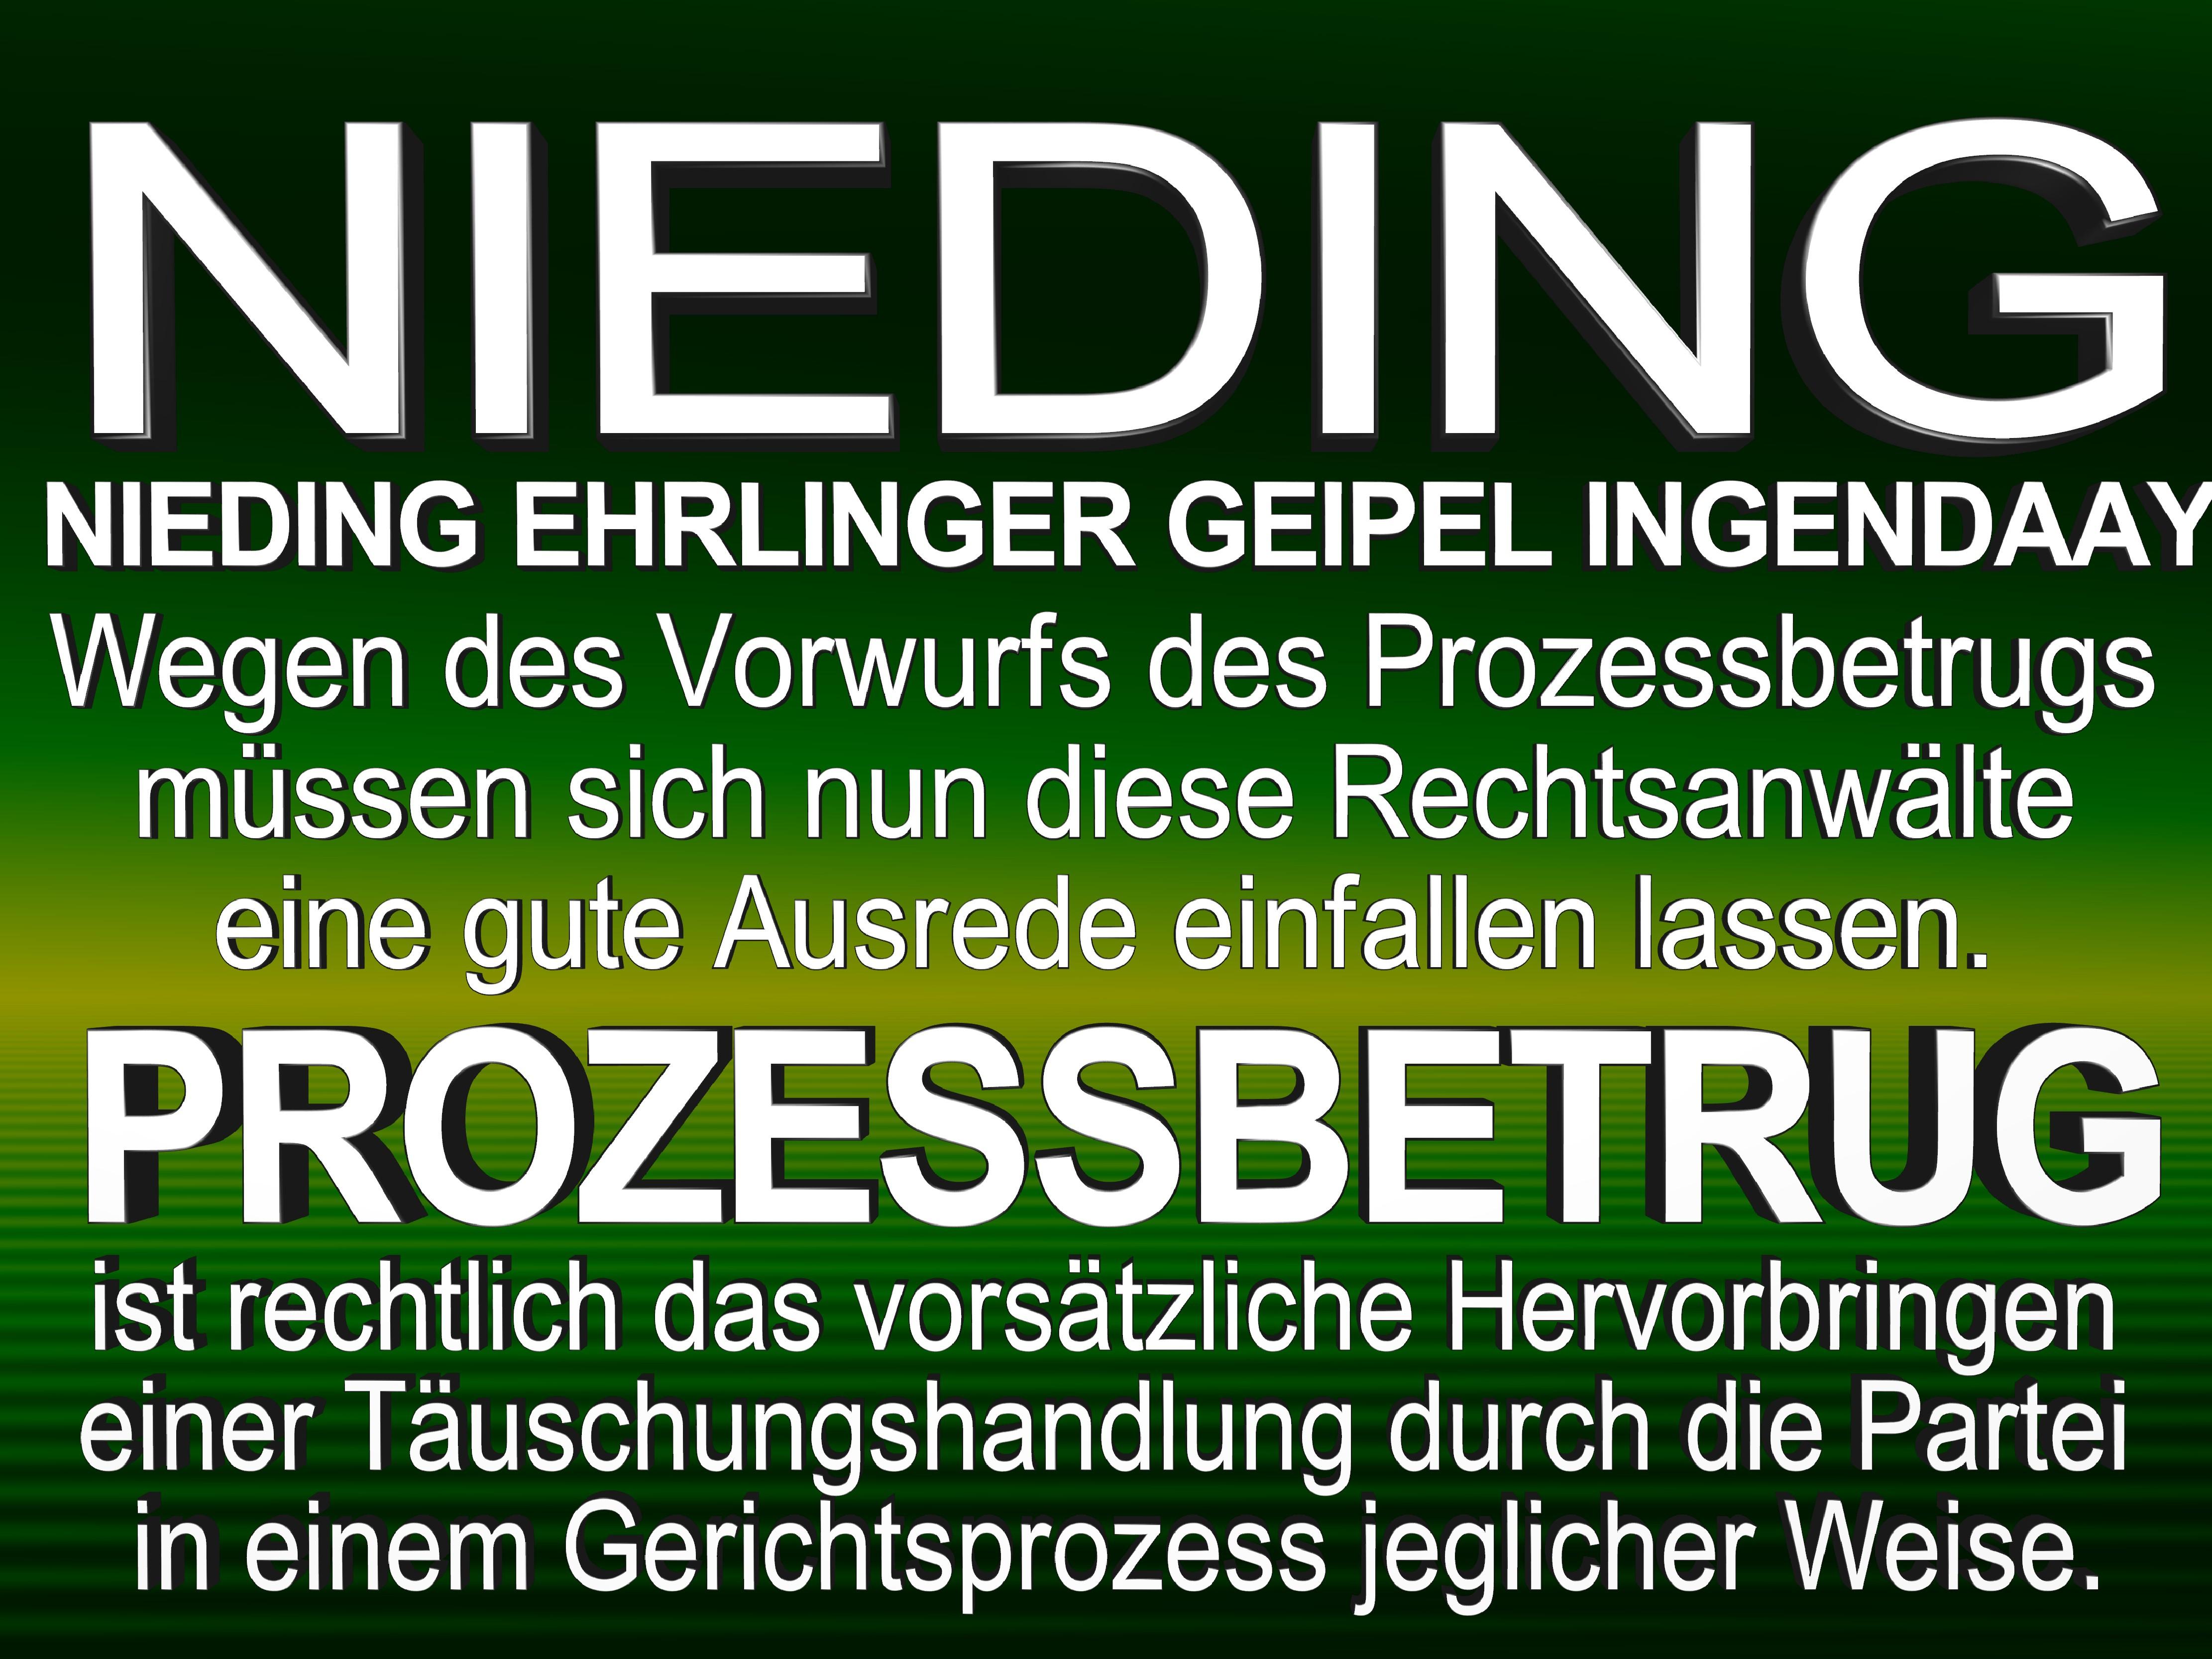 NIEDING EHRLINGER GEIPEL INGENDAAY LELKE Kurfürstendamm 66 Berlin (94)